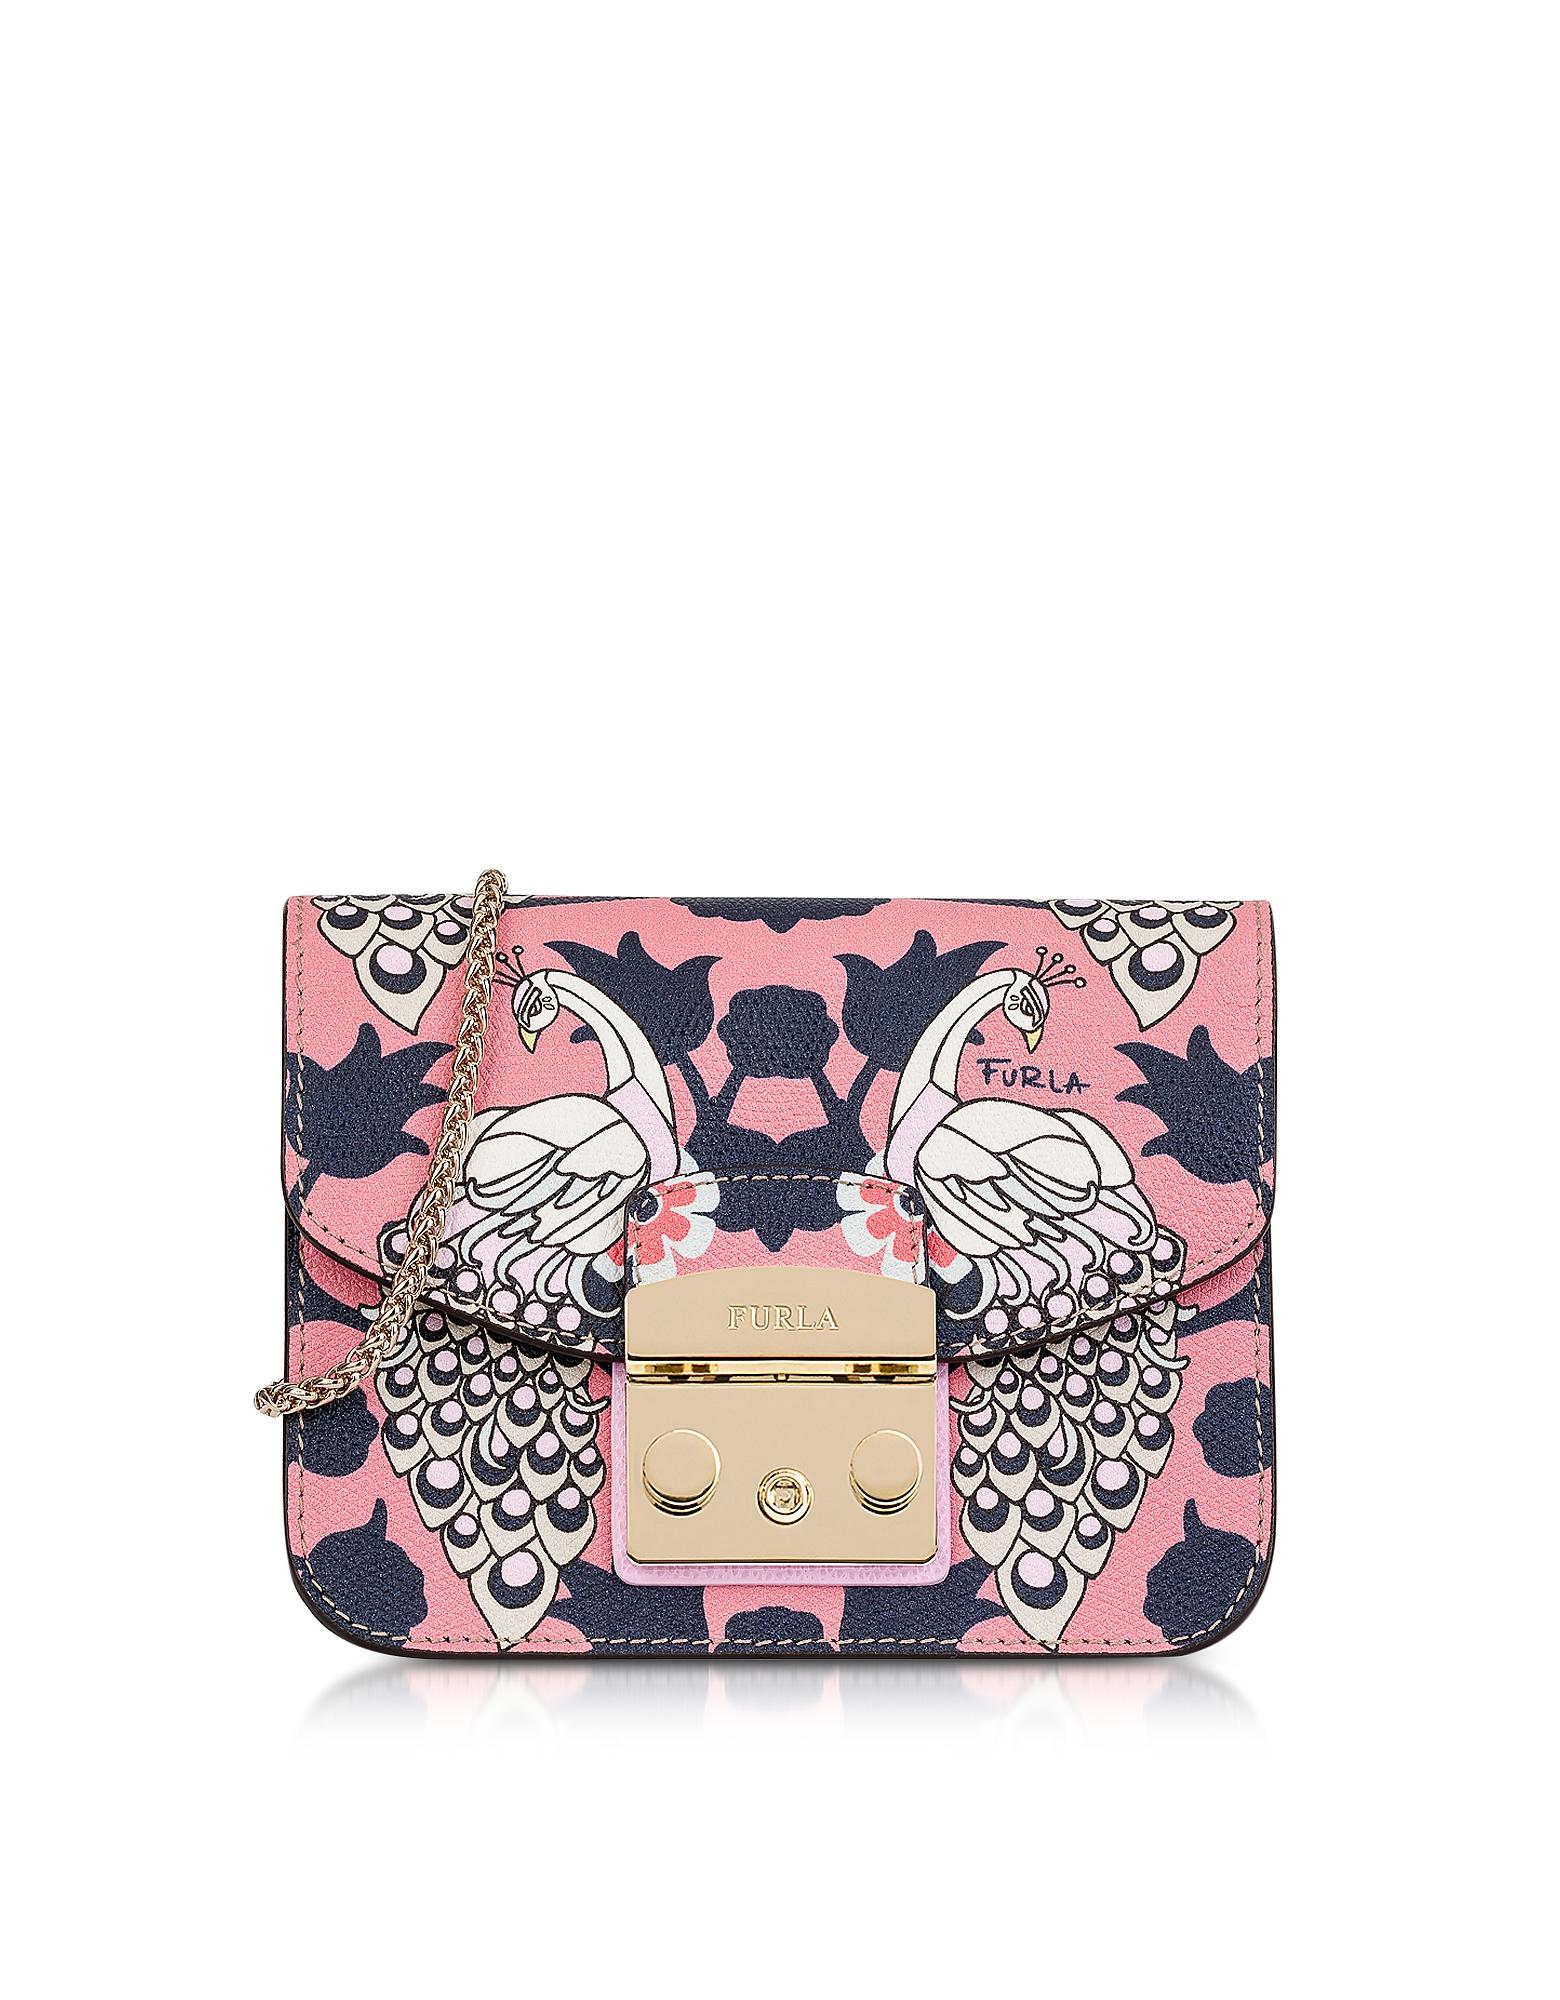 Furla Handbags, Toni Orchidea Floris Printed Leather Metropolis Mini Crossbody Bag